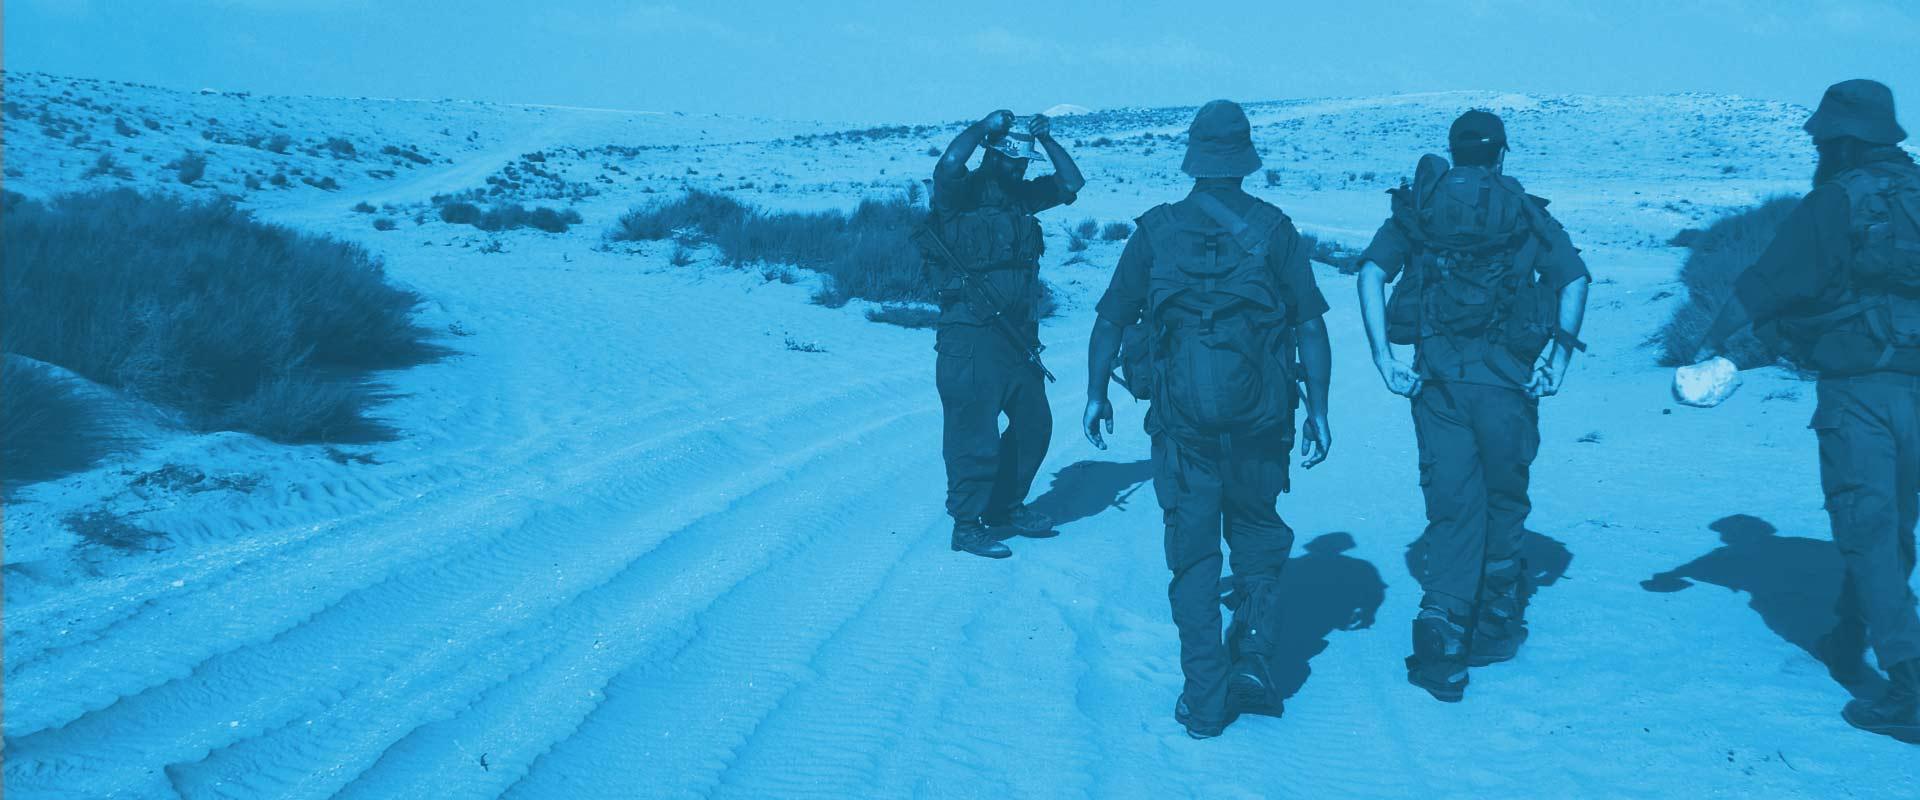 צבא וביטחון